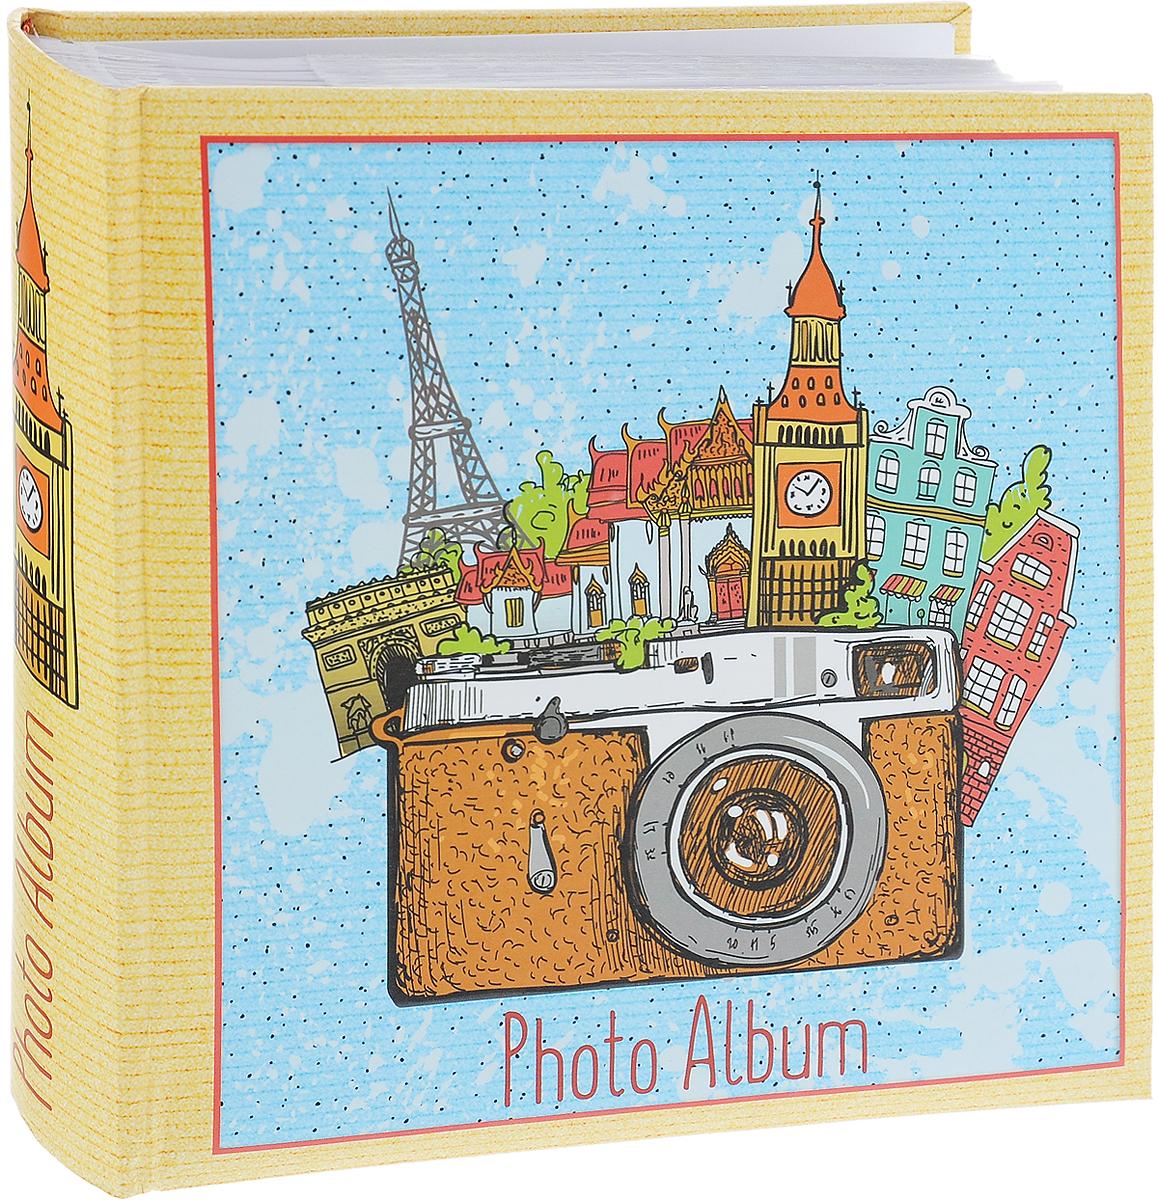 Фотоальбом Magic Home Фототур, цвет: желтый, голубой, коричневый, на 200 фотографий, 10 х 15 см74-0120Фотоальбом Magic Home Фототур поможет красиво оформить ваши самые интересные фотографии. Обложка, выполненная из толстого картона, оформлена красивым изображением. Внутри содержится блок из 50 белых листов с фиксаторами-окошками из полипропилена. Альбом рассчитан на 200 фотографий формата 10 х 15 см (по 2 фотографии на странице). Переплет - книжный. Фотоальбом имеет поля для записей, что позволит подписать фотографии. Нам всегда так приятно вспоминать о самых счастливых моментах жизни, запечатленных на фотографиях. Поэтому фотоальбом является универсальным подарком к любому празднику. Количество листов: 50 шт.Размер фотоальбома: 22 х 22 см.